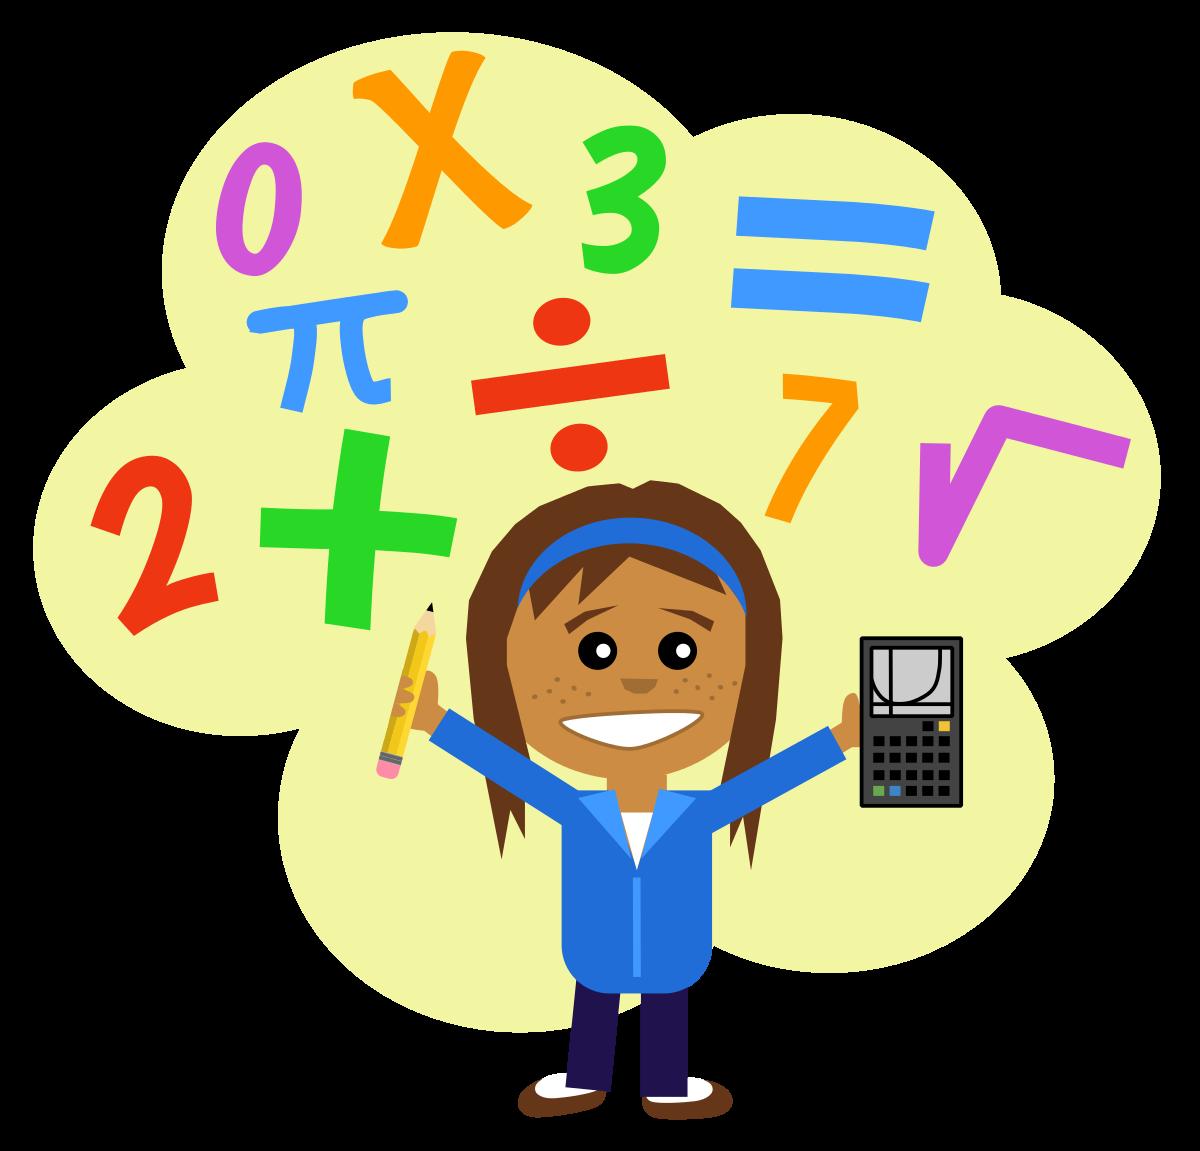 مهارات مادة الرياضيات الصف الأول الابتدائي التربية الفكرية الفصل الدراسي الأول 1442 هـ